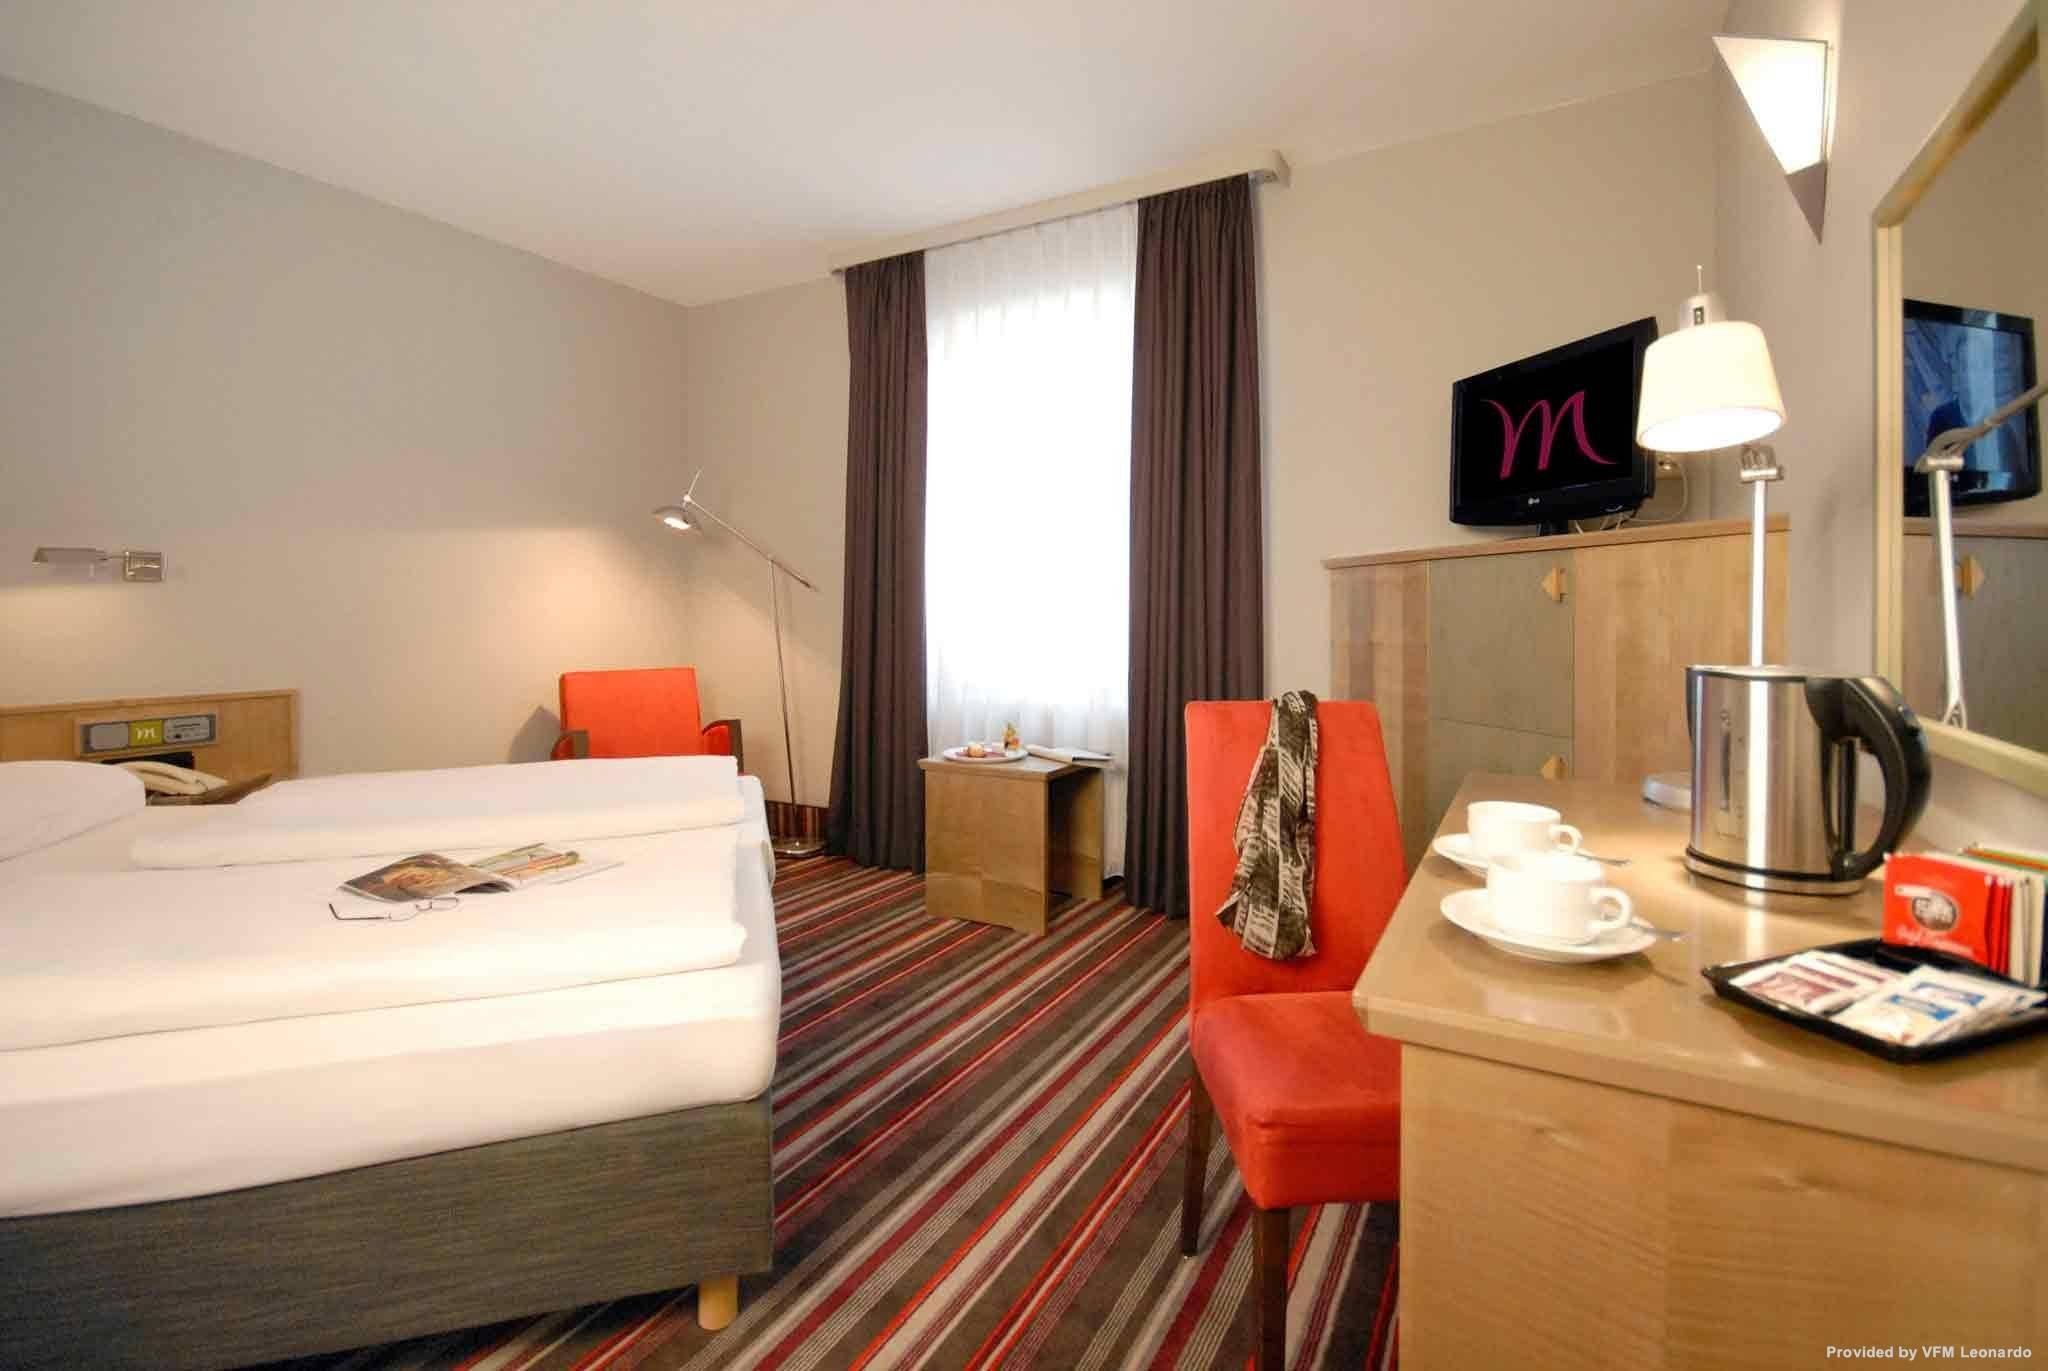 Mercure Hotel Bad Homburg Friedrichsdorf Hessen bei HRS günstig buchen